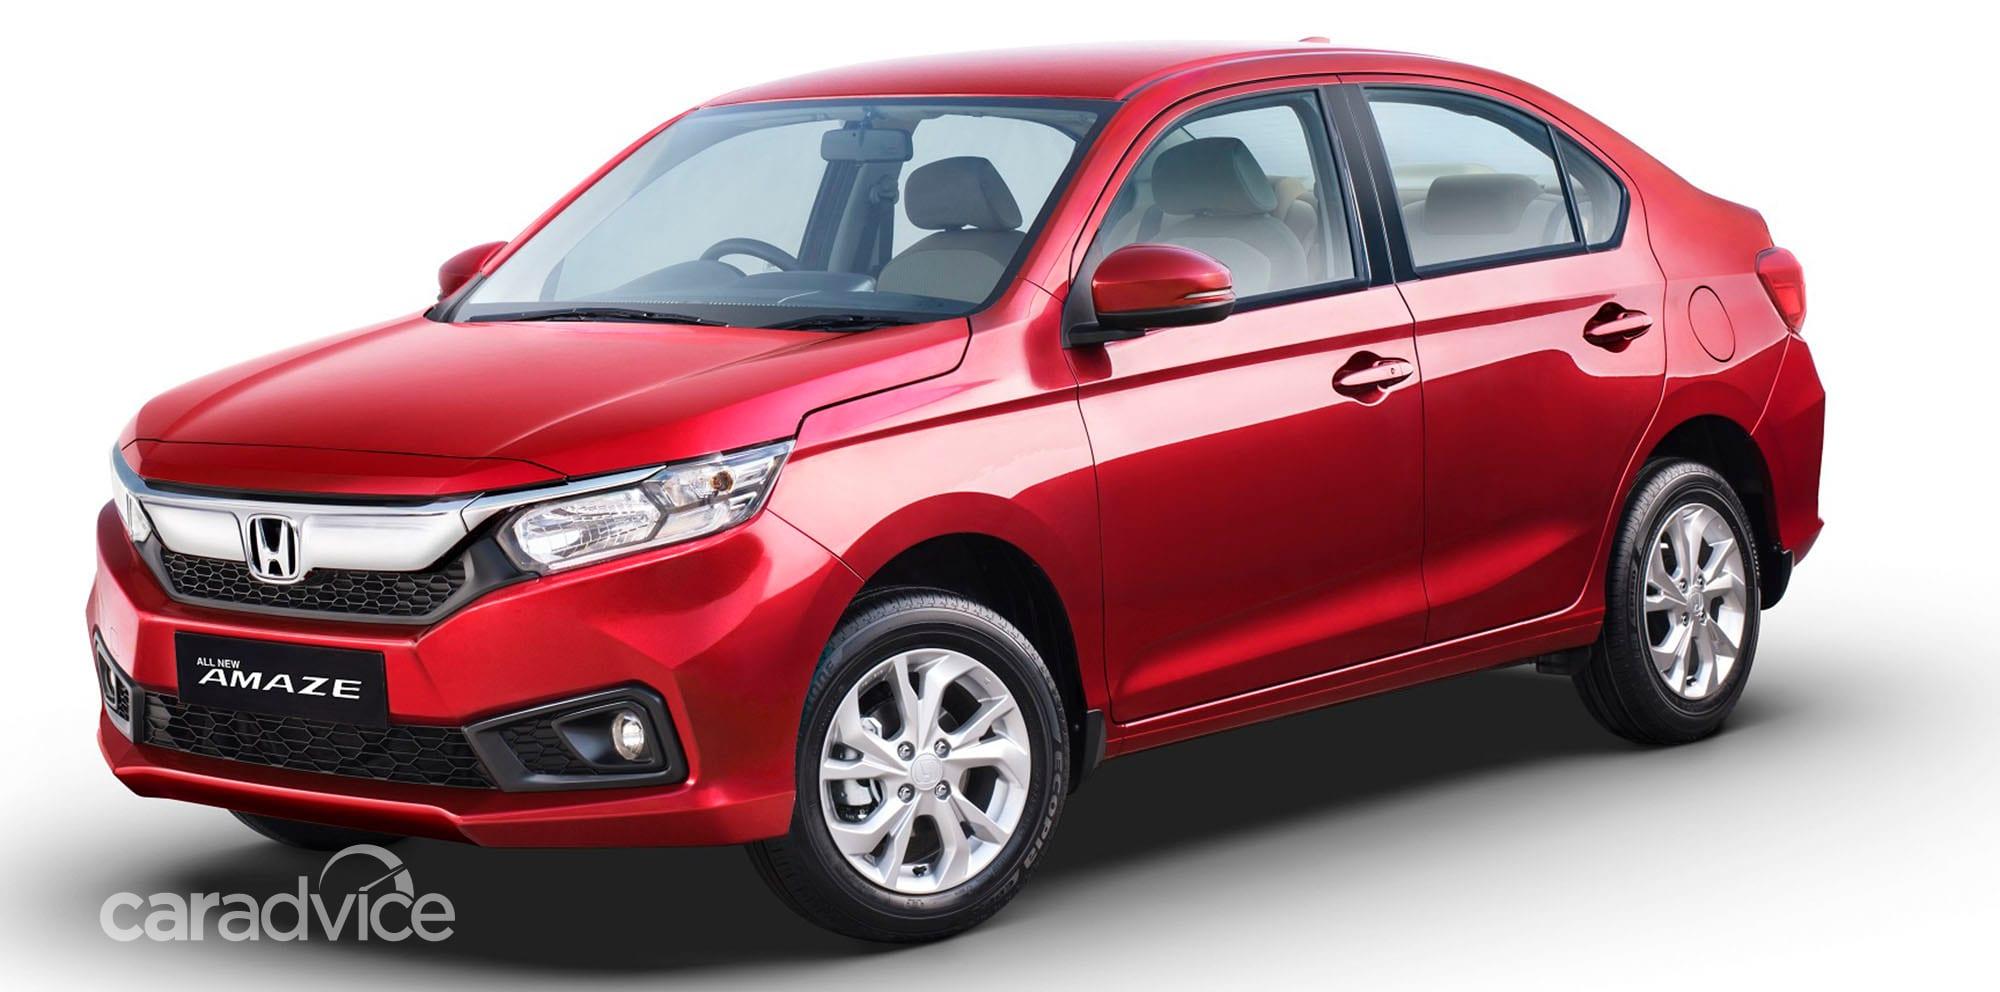 2018 Honda Amaze unveiled in India | CarAdvice